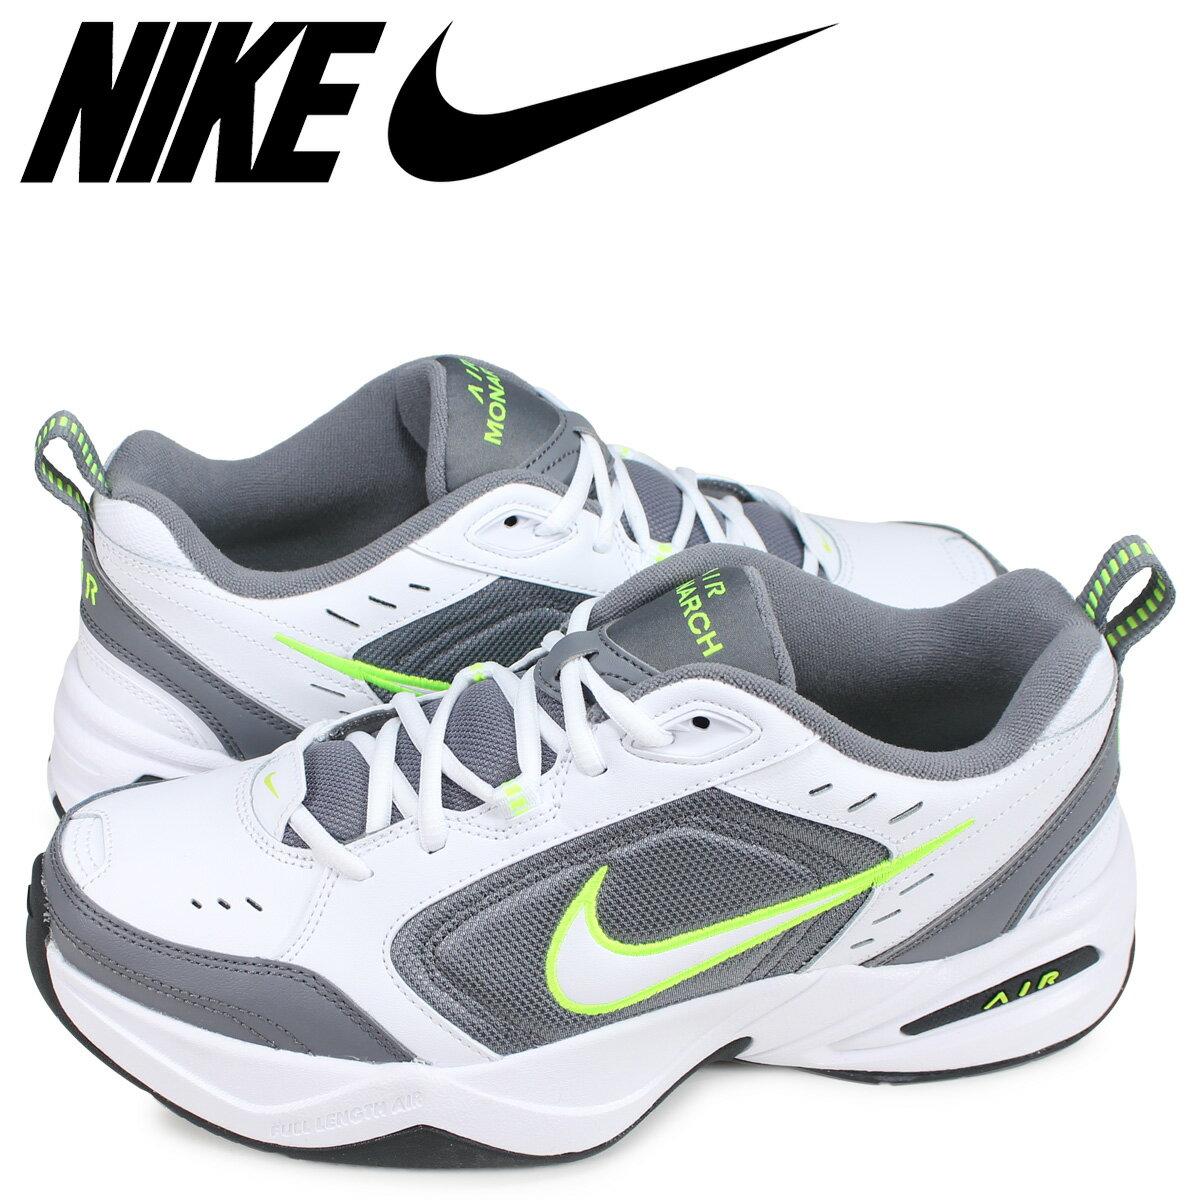 メンズ靴, スニーカー 1000OFF NIKE AIR MONARCH 4 4 415445-100